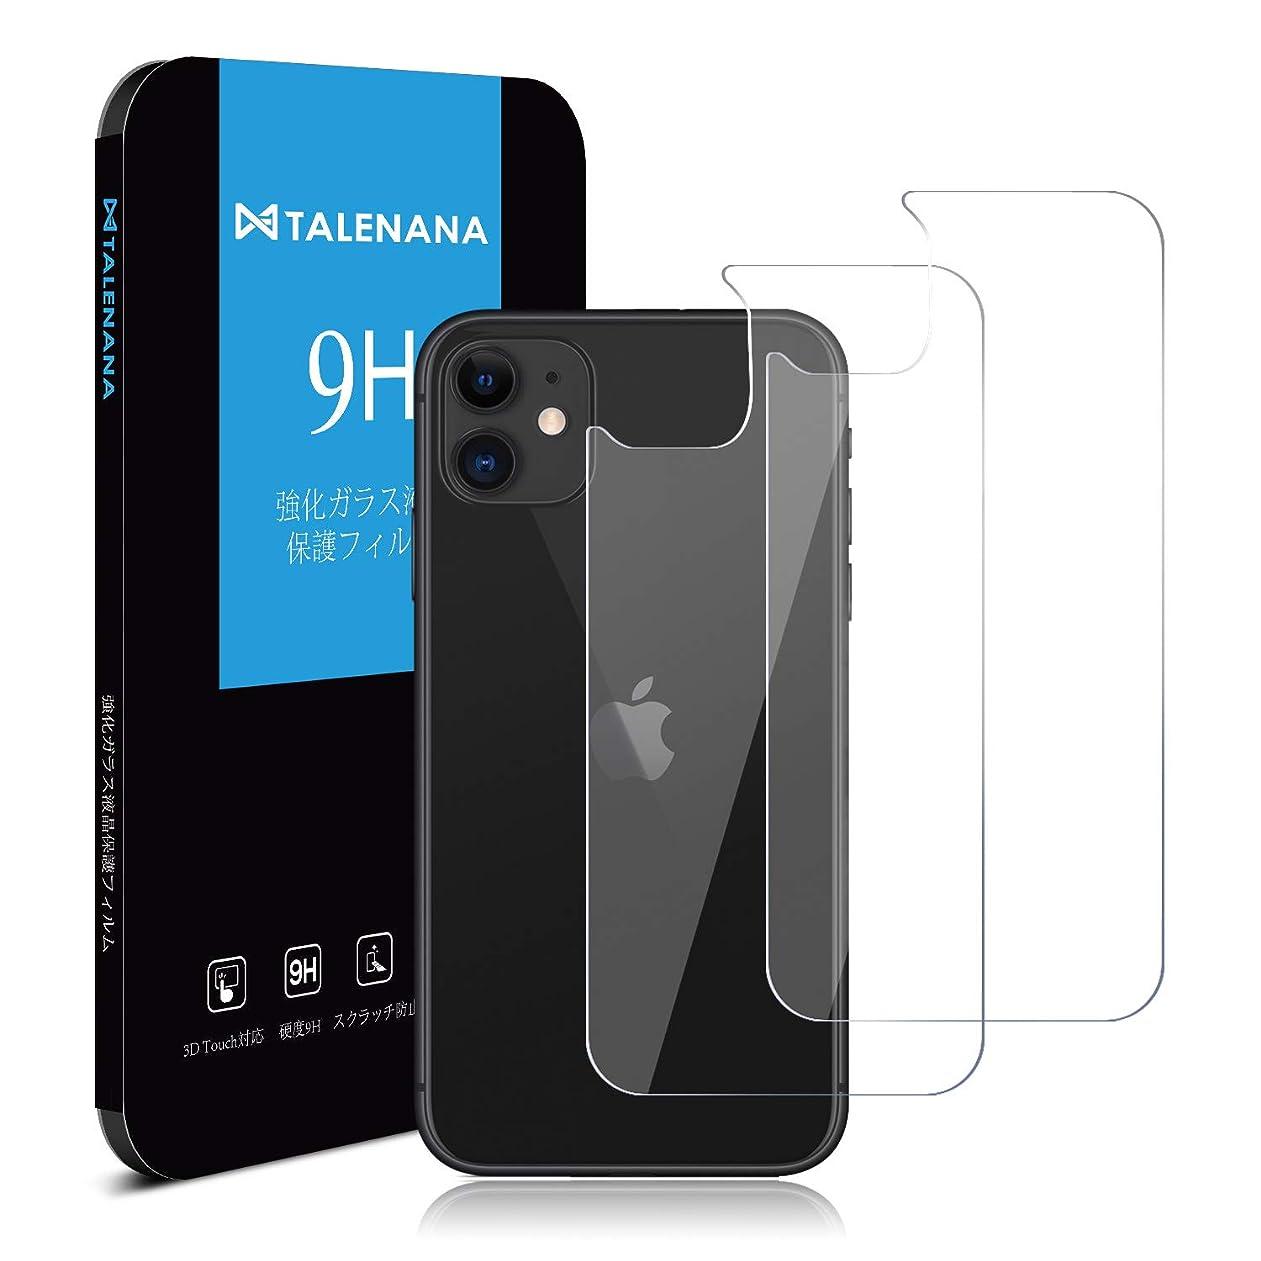 上向きペインギリック推進力【2枚セット】iPhone 11 用 背面フィルム TALENANA アイフォン 11 用 背面ガラスフィルム 硬度9H 飛散防止 自動吸着 高透過率99.9% 指紋防止 気泡ゼロ 2.5D (iPhone 11 背面 2枚)